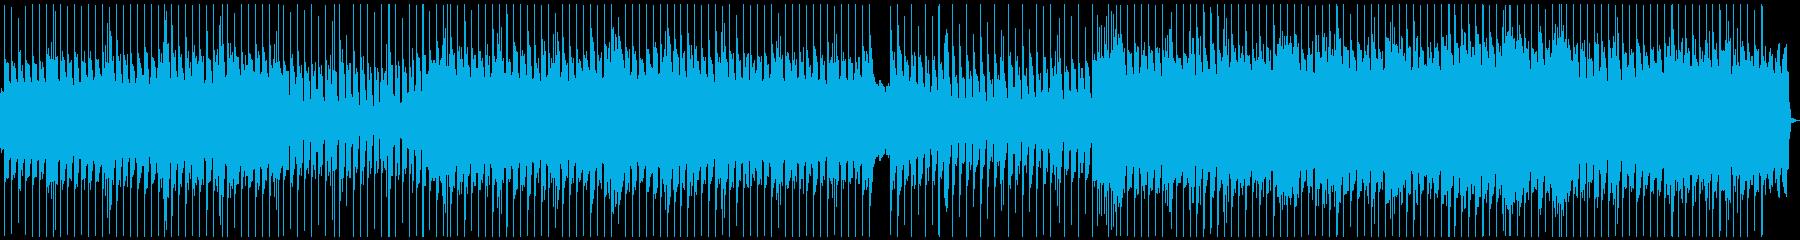 ヘビィなリズムと吠える歪んだギターロックの再生済みの波形